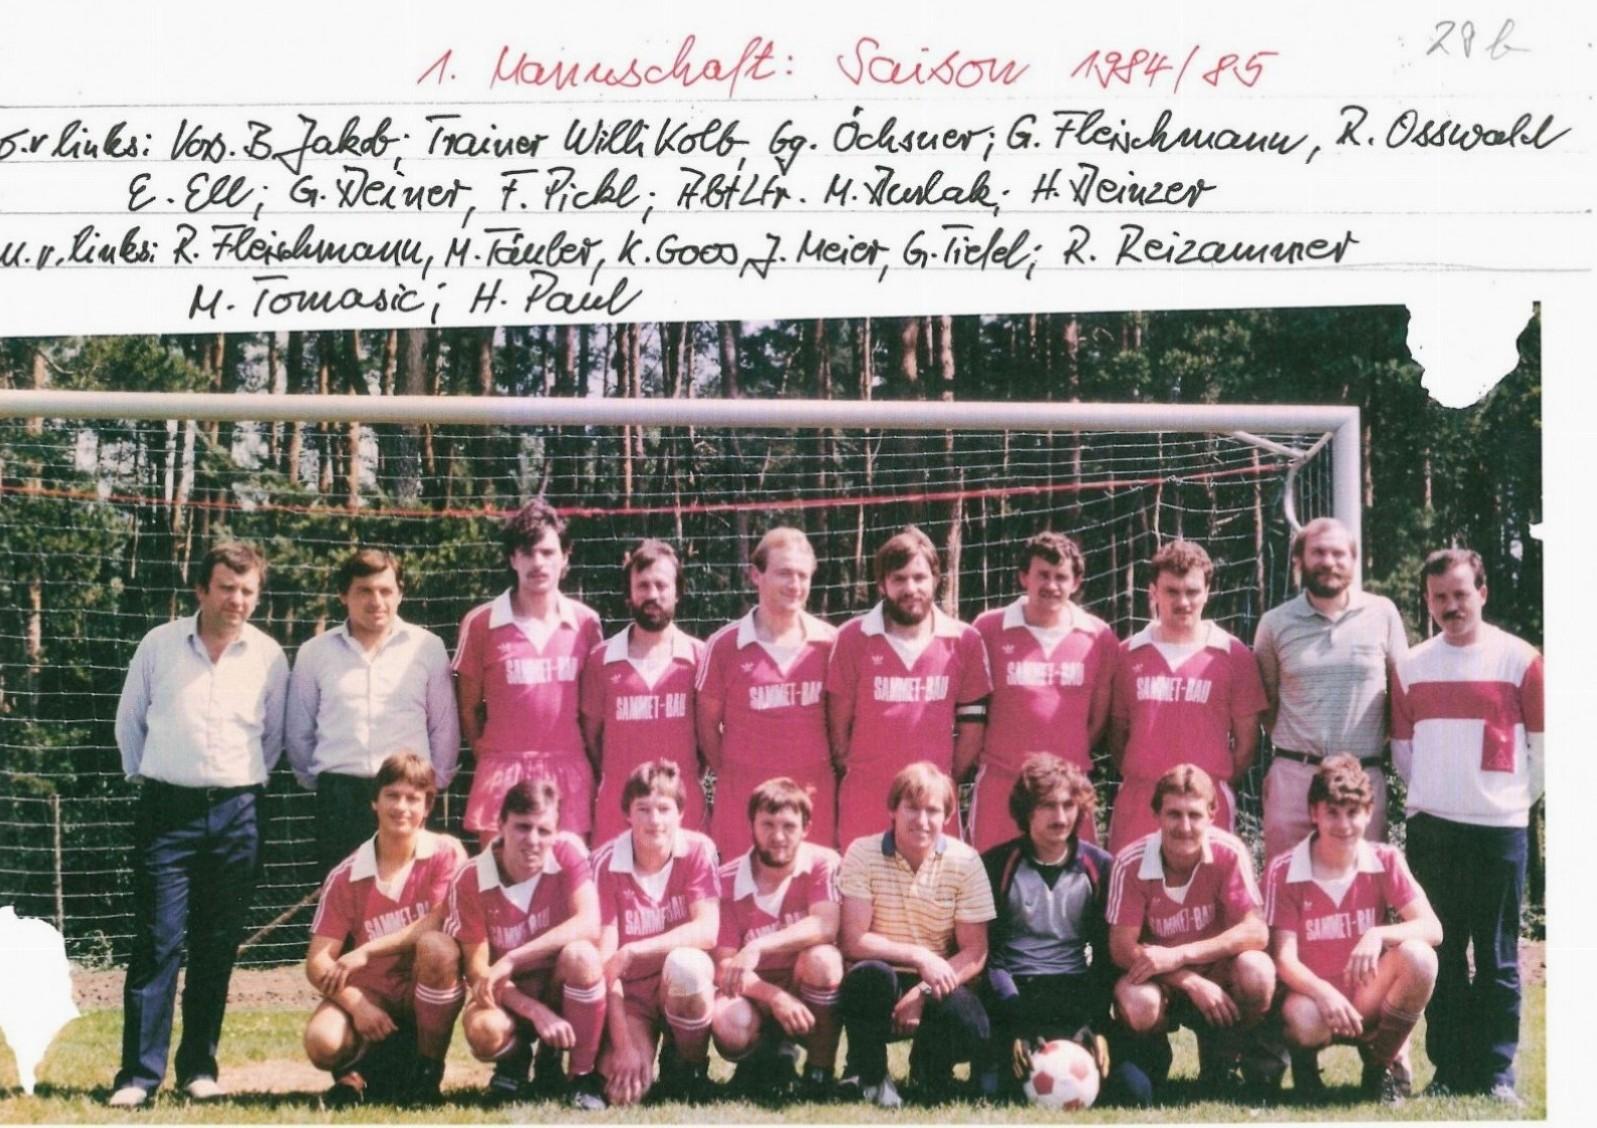 1. Mannschaft 1984/85